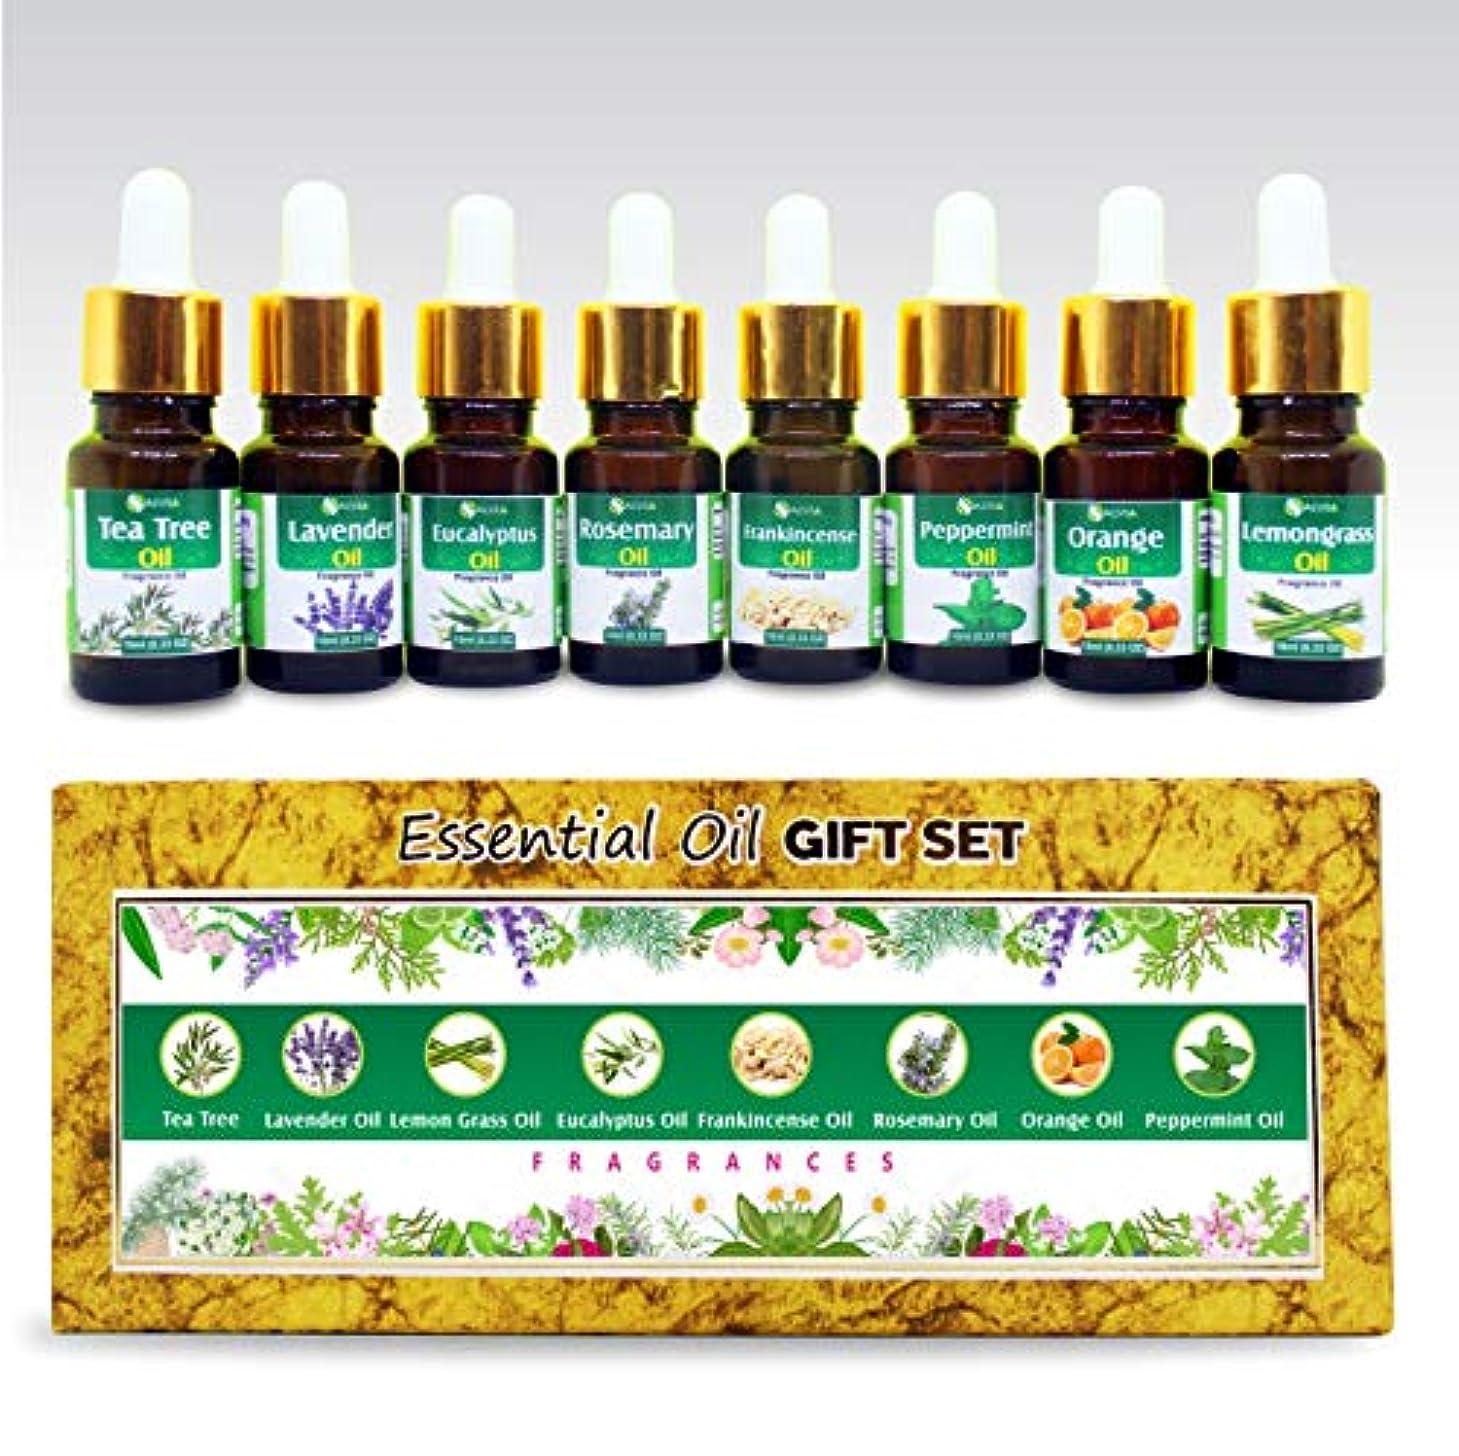 セレナ判読できないやりがいのあるAromatherapy Fragrance Oils - Pack of 8 Essential Oils 100% Natural Therapeutic Oils - 10 ML each (Tea Tree, Lavender...